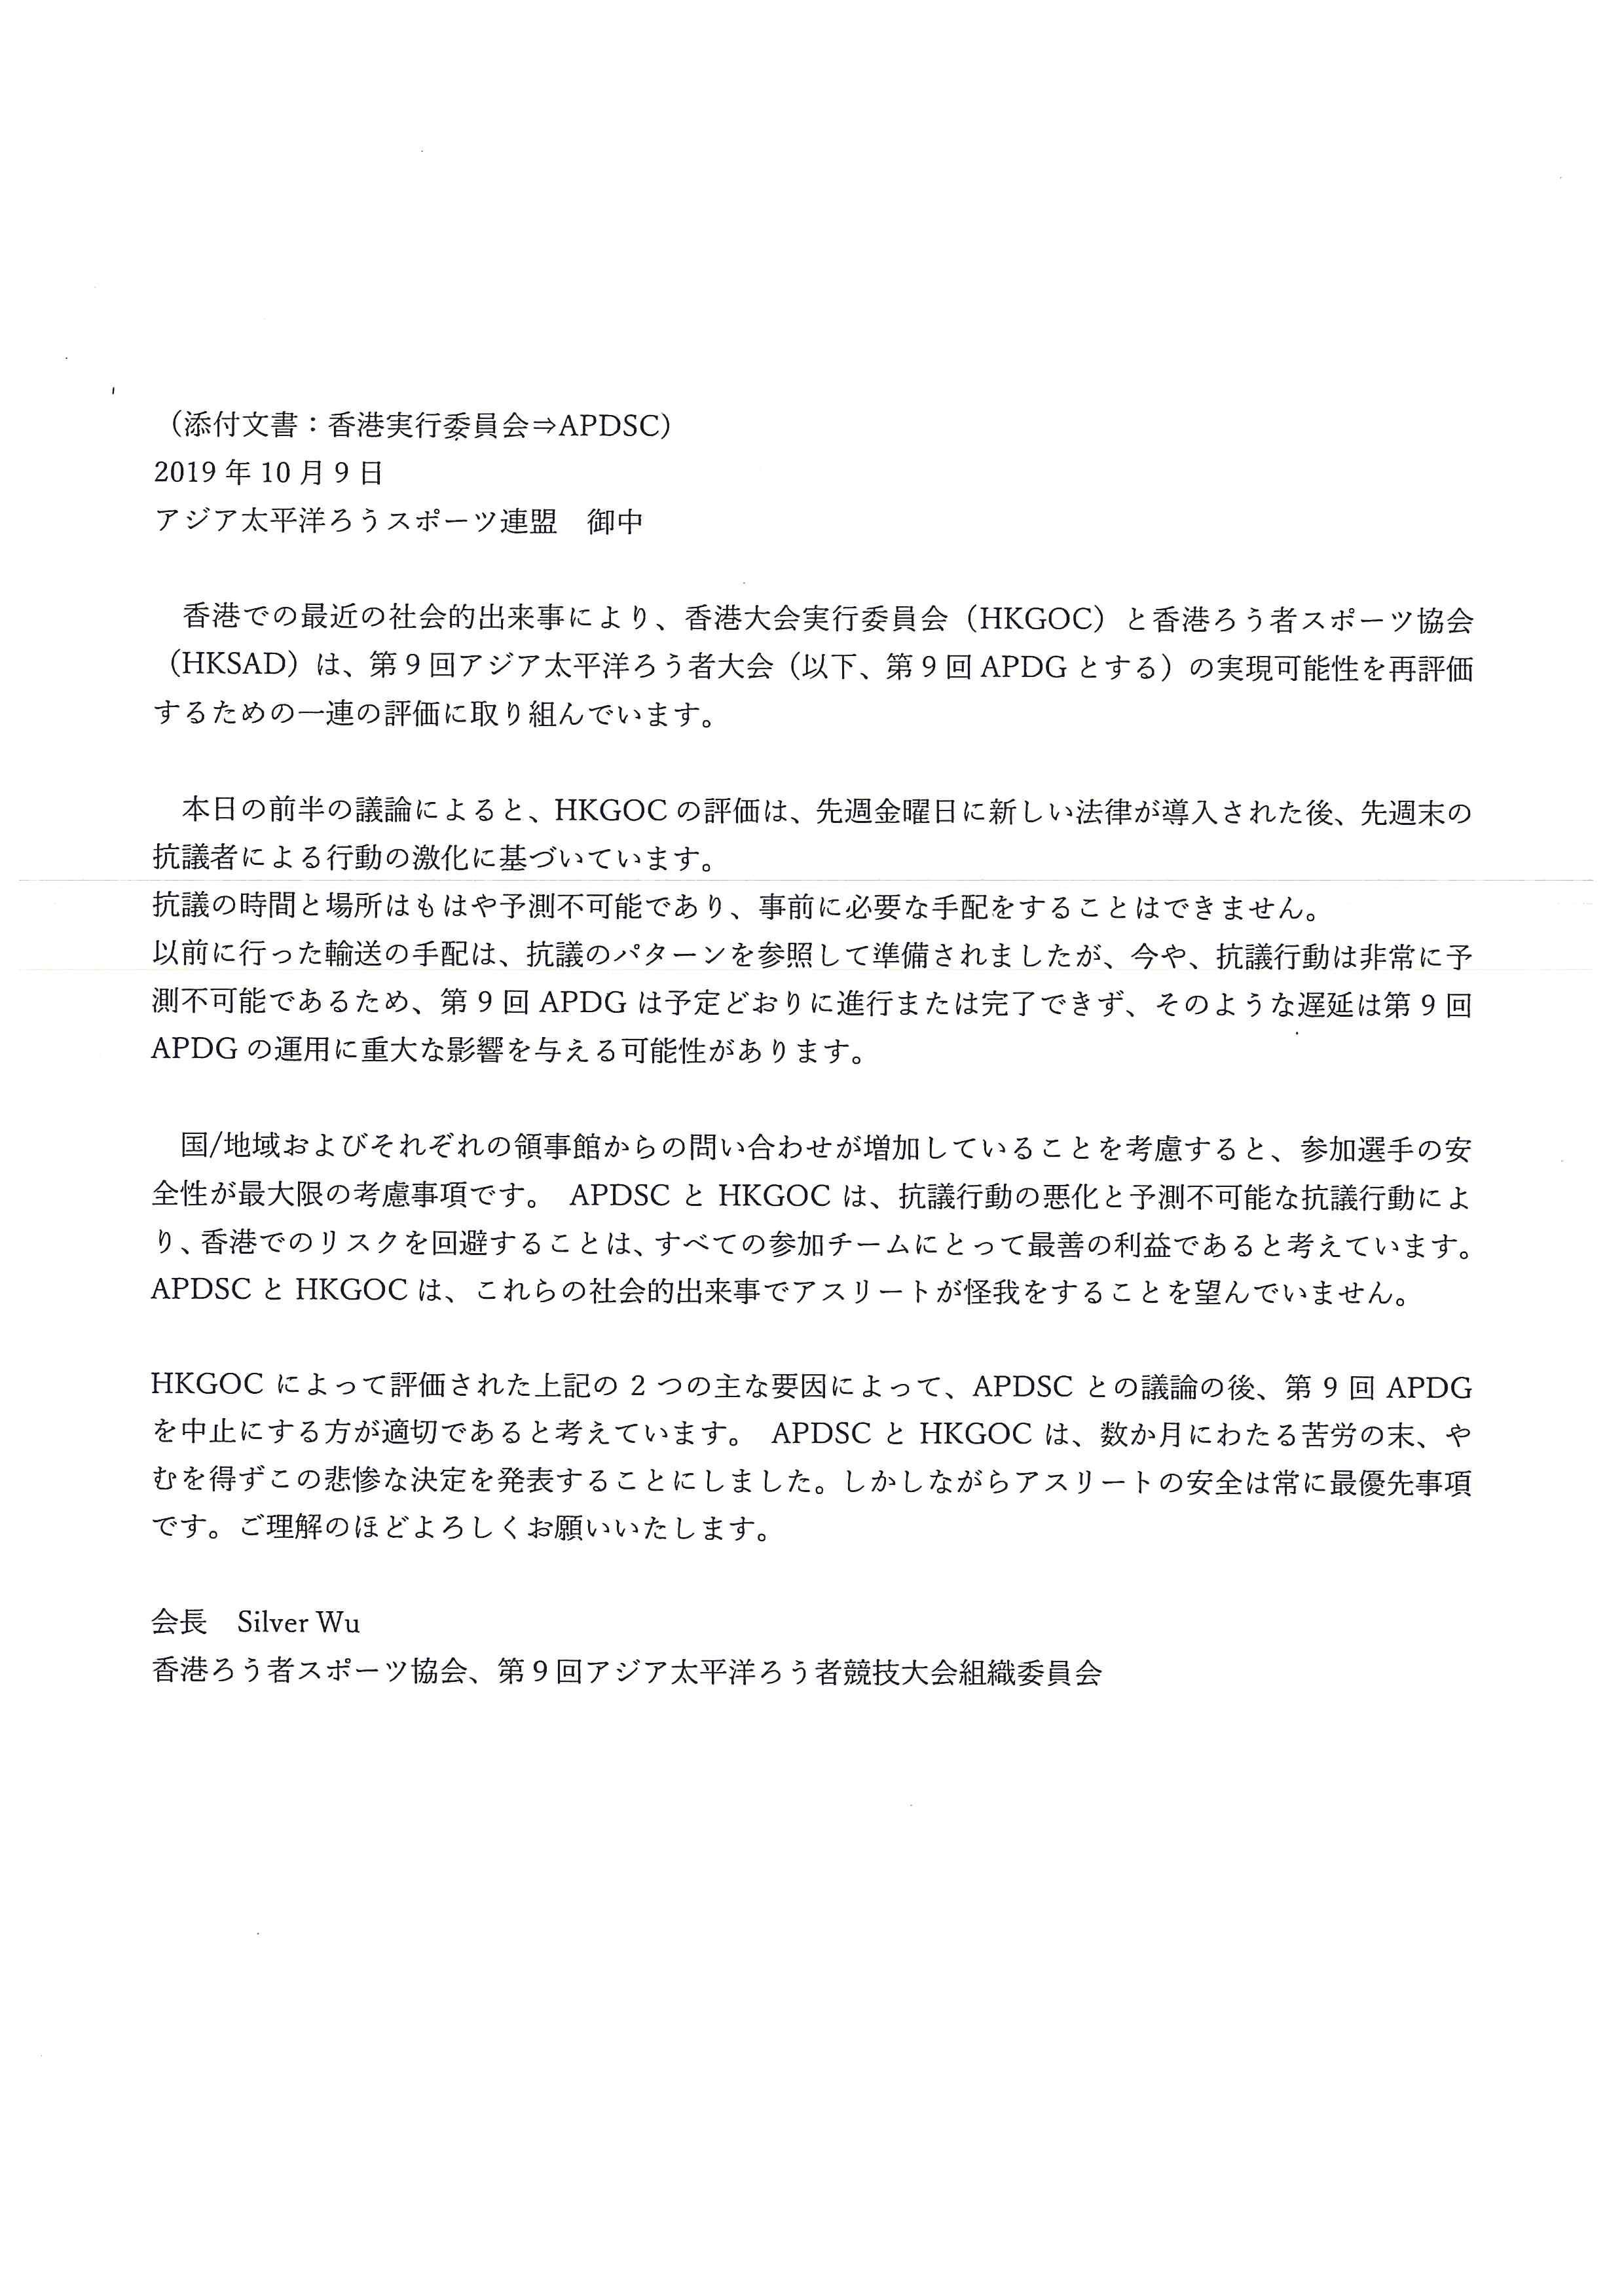 第9回アジア太平洋ろう者競技大会中止のお知らせ_d0070316_16361809.jpg